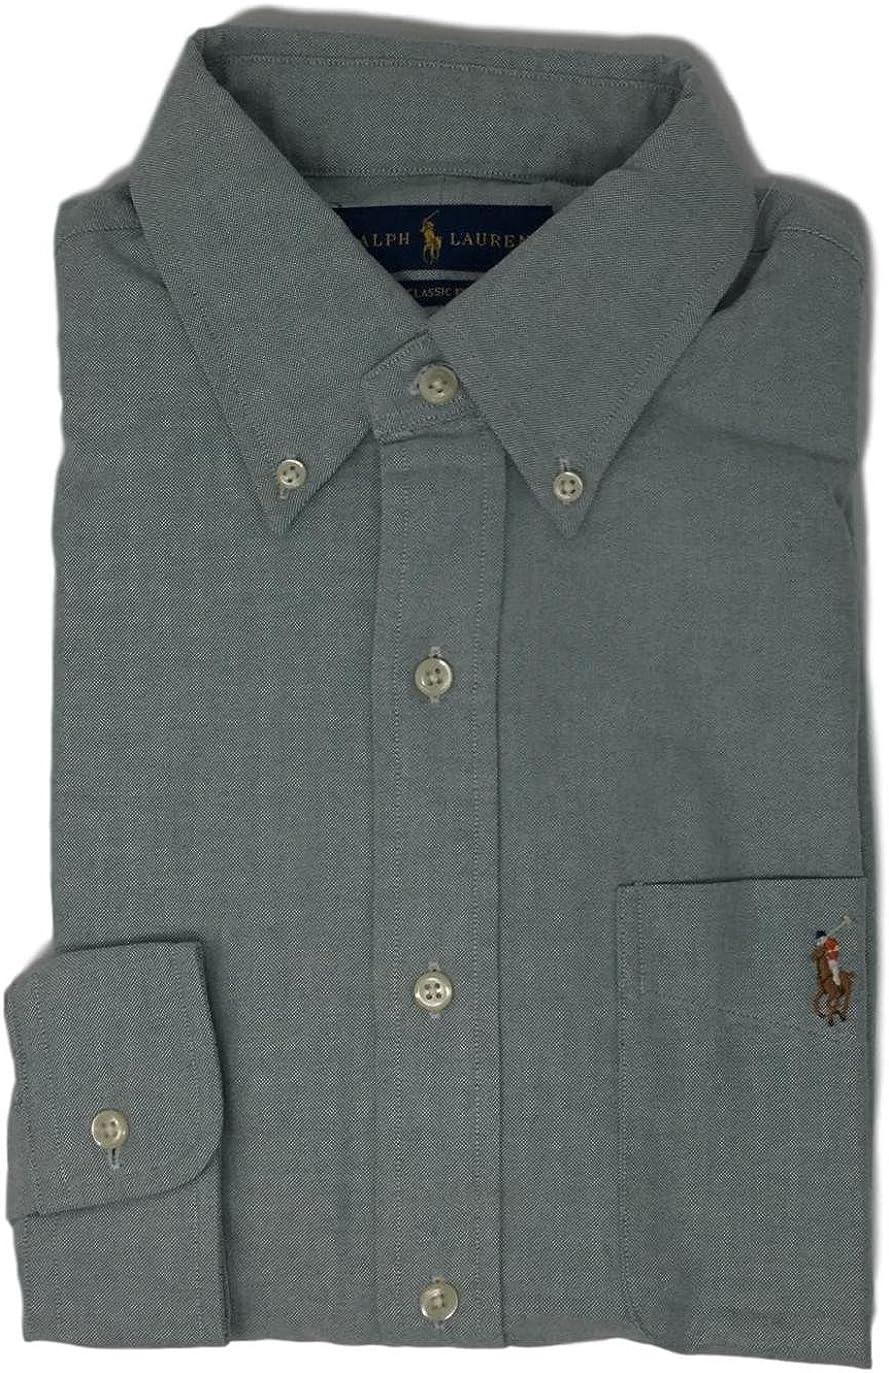 GreenBckt, Small Polo Ralph Lauren Mens Classic Fit Buttondown Oxford Shirt